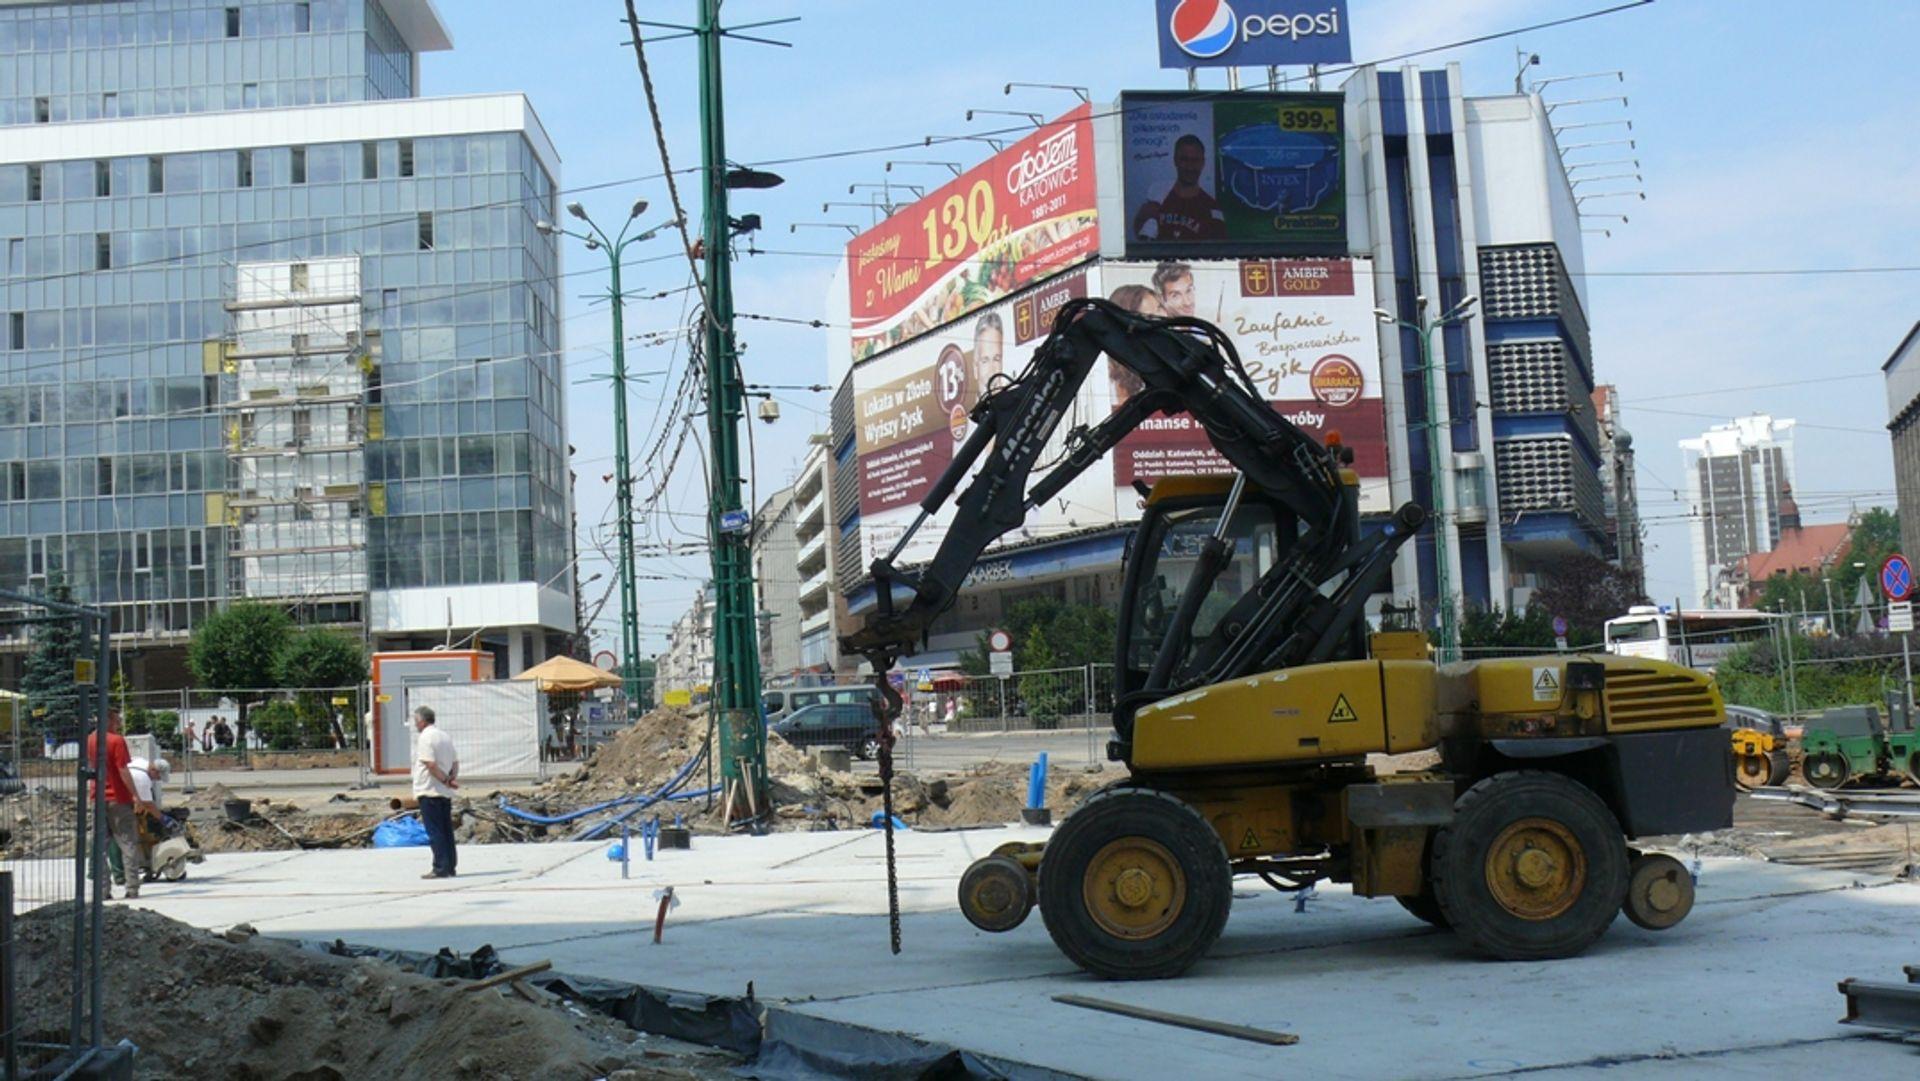 Przebudowa rynku w Katowicach - co dalej?